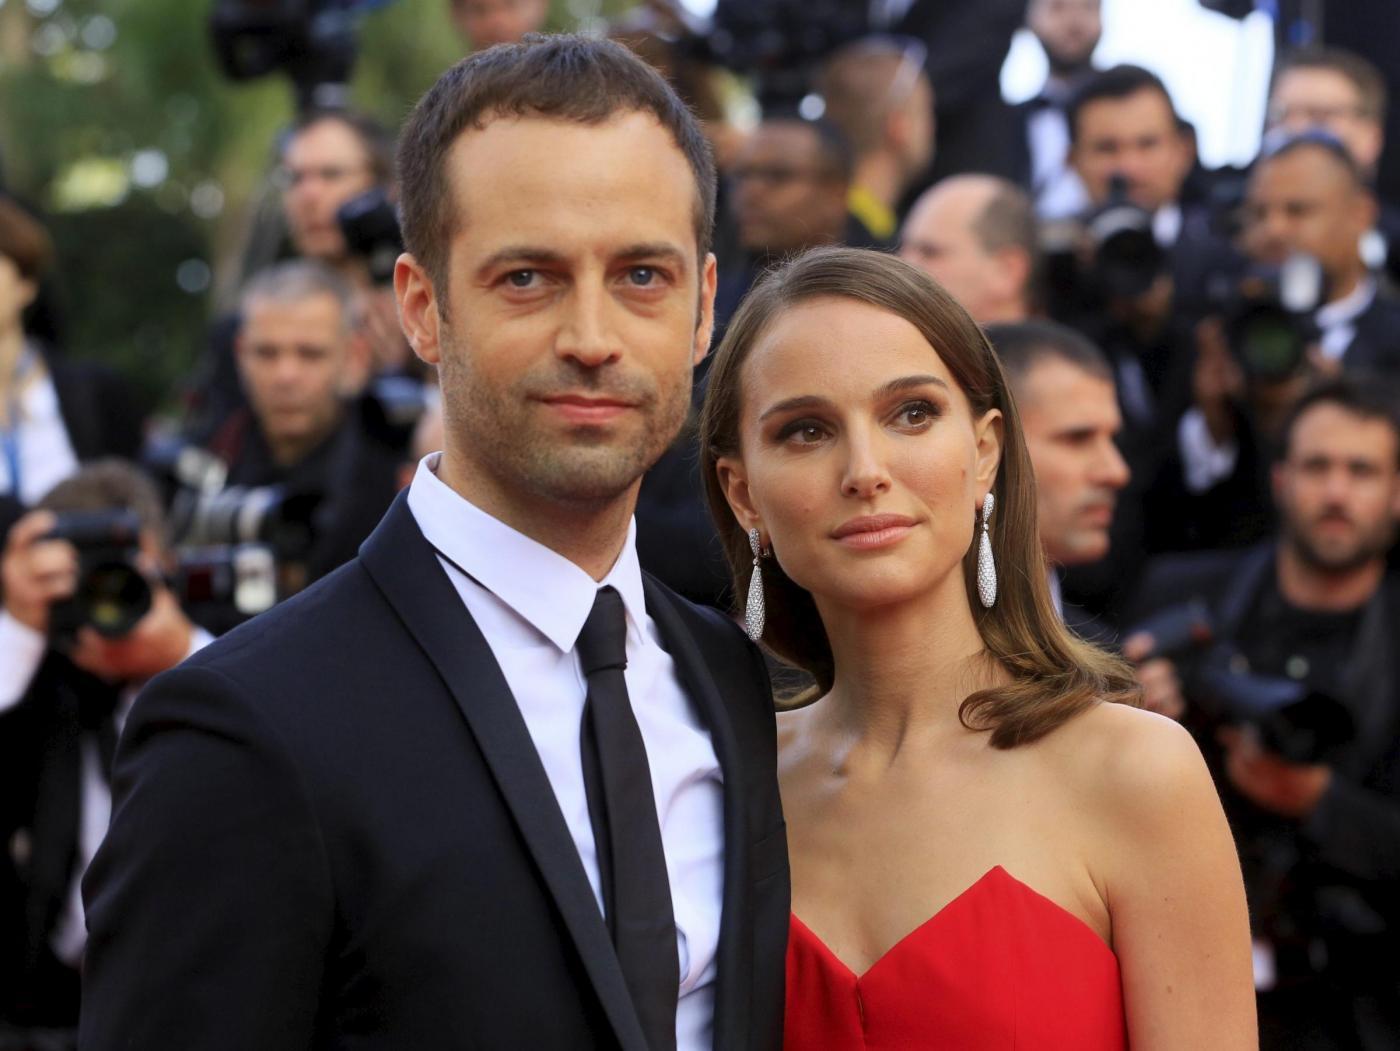 Natalie Portman mamma bis, è nata la figlia Amalia Millepied